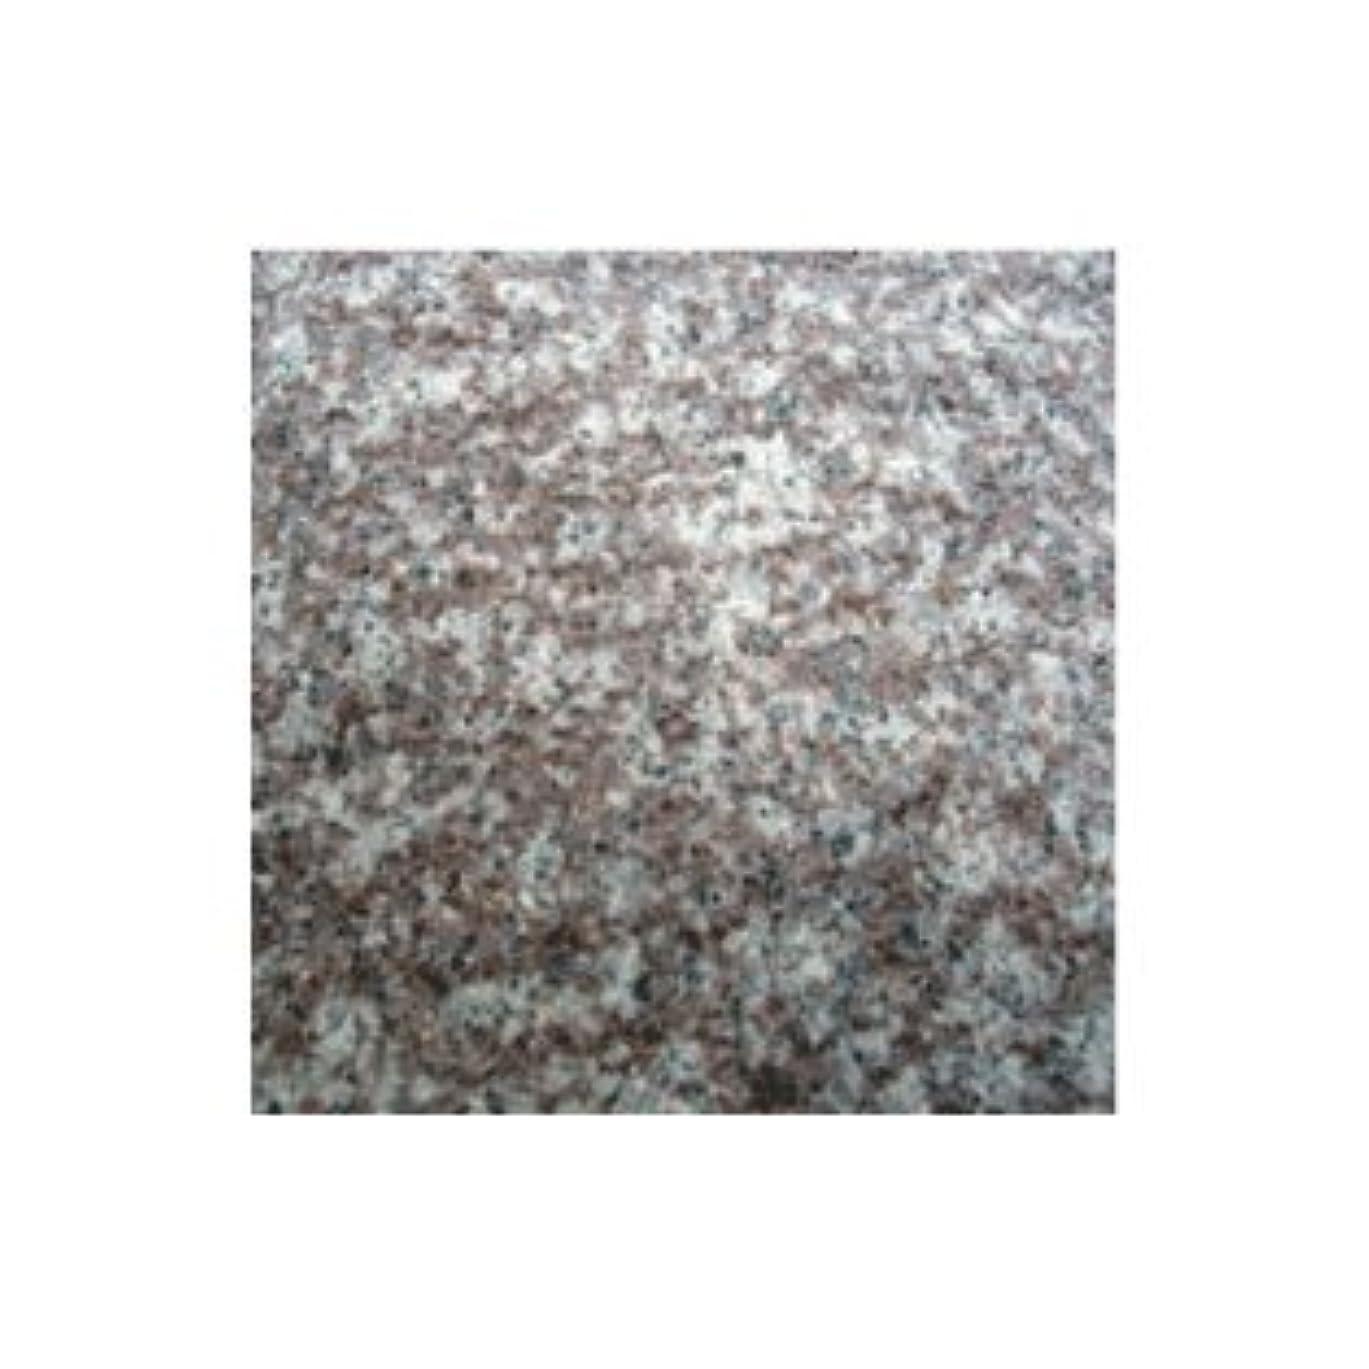 適切なちらつきアレキサンダーグラハムベル岩盤浴ベッド用プレート麦飯石